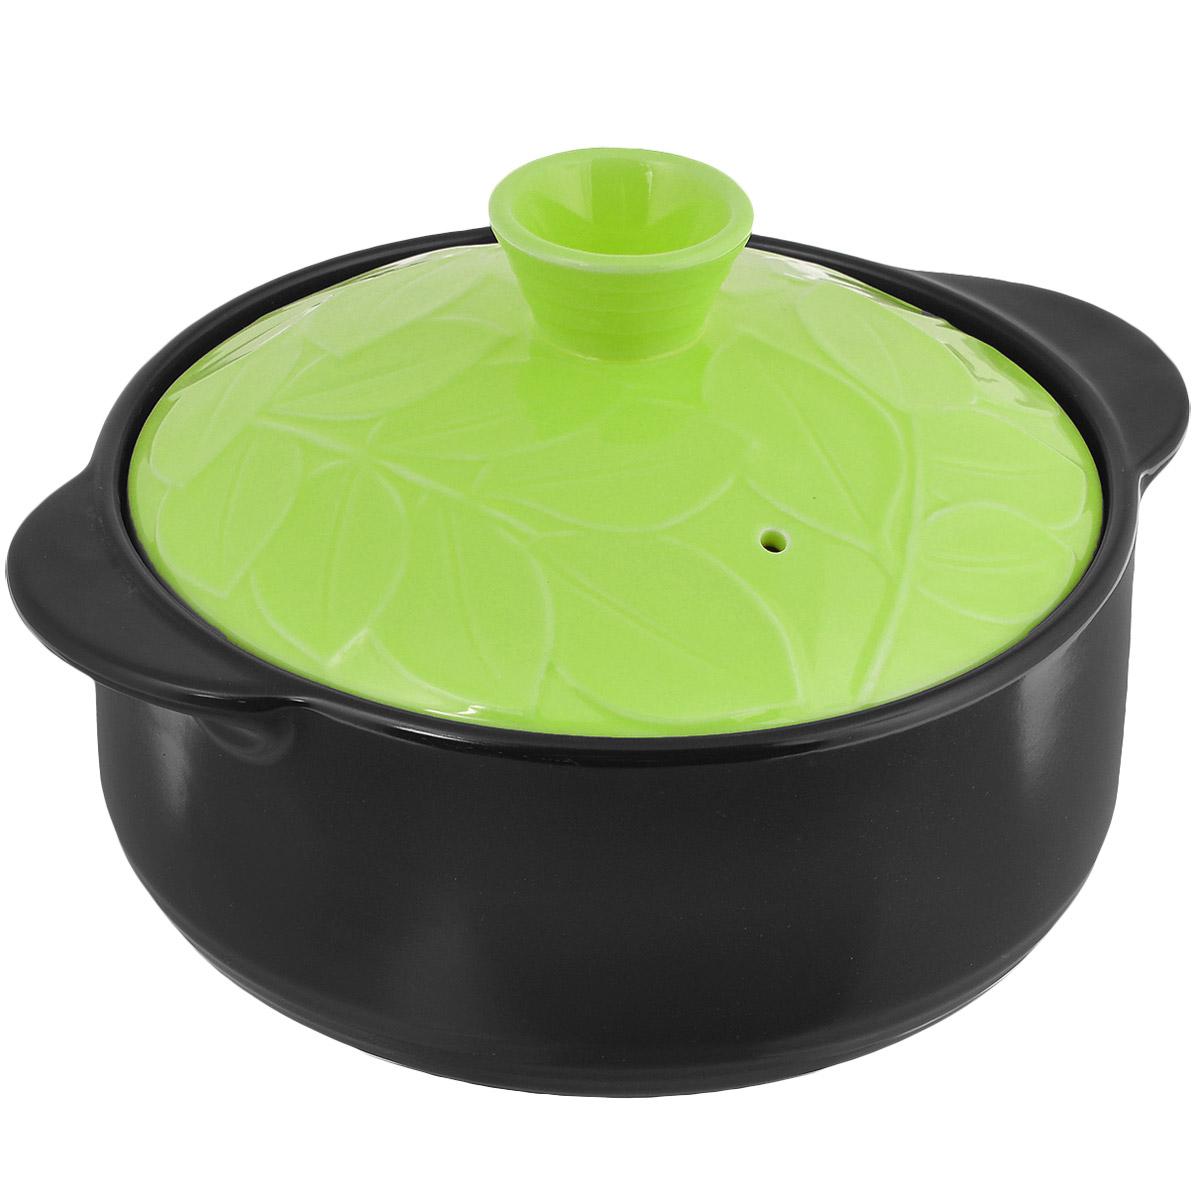 Кастрюля керамическая Hans & Gretchen с крышкой, цвет: зеленый, 1,6 лFS-91909Кастрюля Hans & Gretchen изготовлена из экологически чистой жаропрочной керамики. Керамическая крышка кастрюли оснащена отверстием для выпуска пара. Кастрюля равномерно нагревает блюдо, долго сохраняя тепло и не выделяя абсолютно никаких примесей в пищу. Кастрюля не искажает, а даже усиливает вкус пищи. Крышка изделия оформлена рельефным изображением листьев. Превосходно служит для замораживания продуктов в холодильнике (до -20°С). Кастрюля устойчива к химическим и механическим воздействиям. Благодаря толстым стенкам изделие нагревается равномерно.Кастрюля Hans & Gretchen прекрасно подойдет для запекания и тушения овощей, мяса и других блюд, а оригинальный дизайн и яркое оформление украсят ваш стол.Можно мыть в посудомоечной машине. Кастрюля предназначена для использования на газовой и электрической плитах, в духовке и микроволновой печи. Не подходит для индукционных плит. Высота стенки: 8,5 см.Ширина кастрюли (с учетом ручек): 23 см.Толщина дна: 5 мм.Толщина стенки: 5 мм.